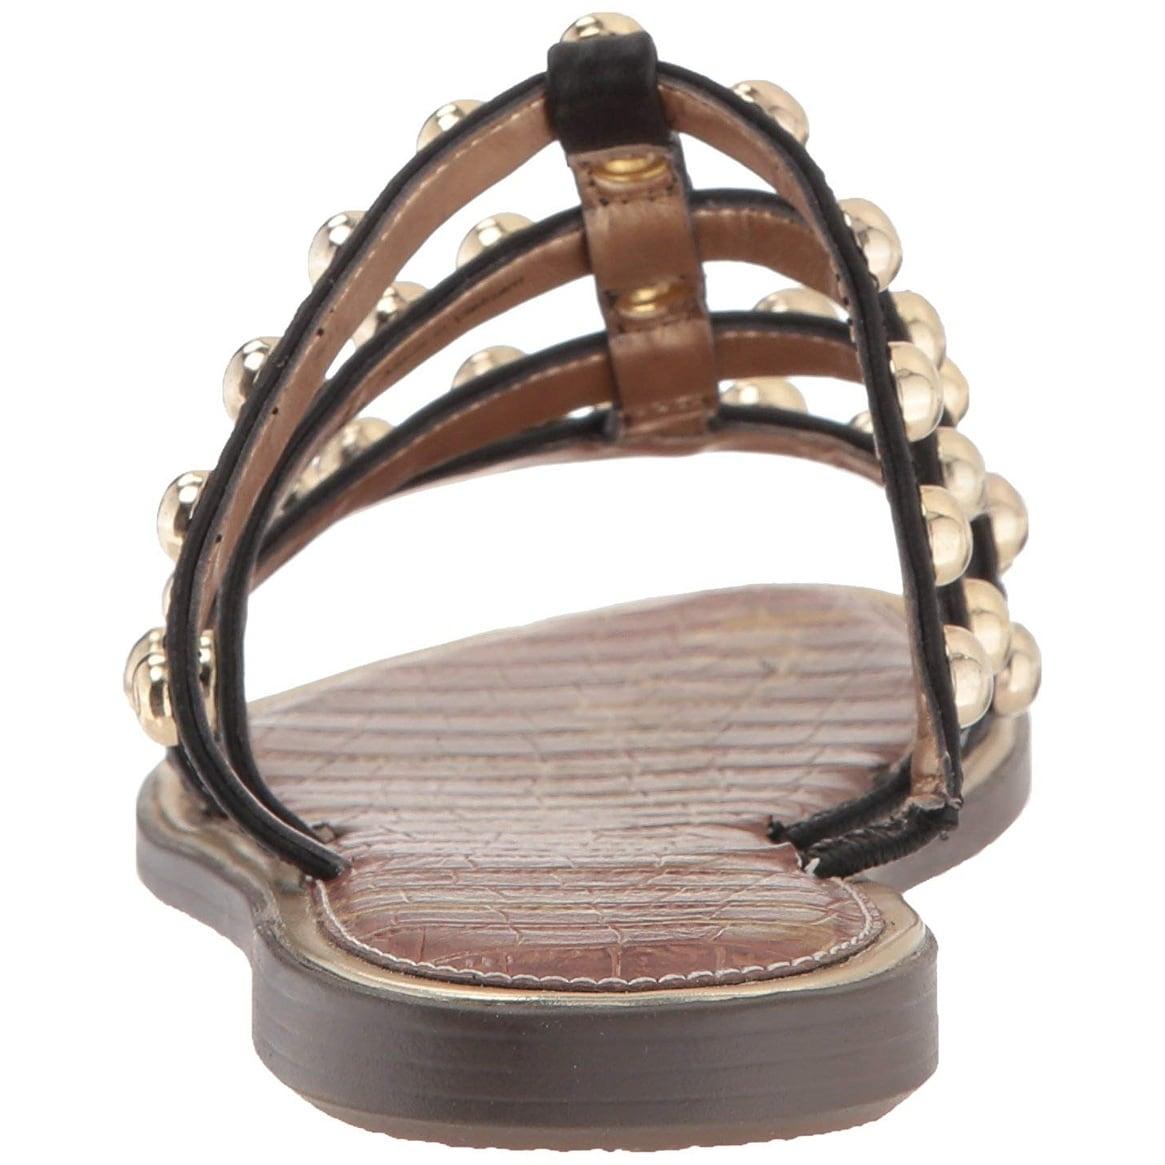 a3cb3baa21fb Shop Sam Edelman Women s Glenn Slide Sandal - Free Shipping On Orders Over   45 - Overstock - 26059634